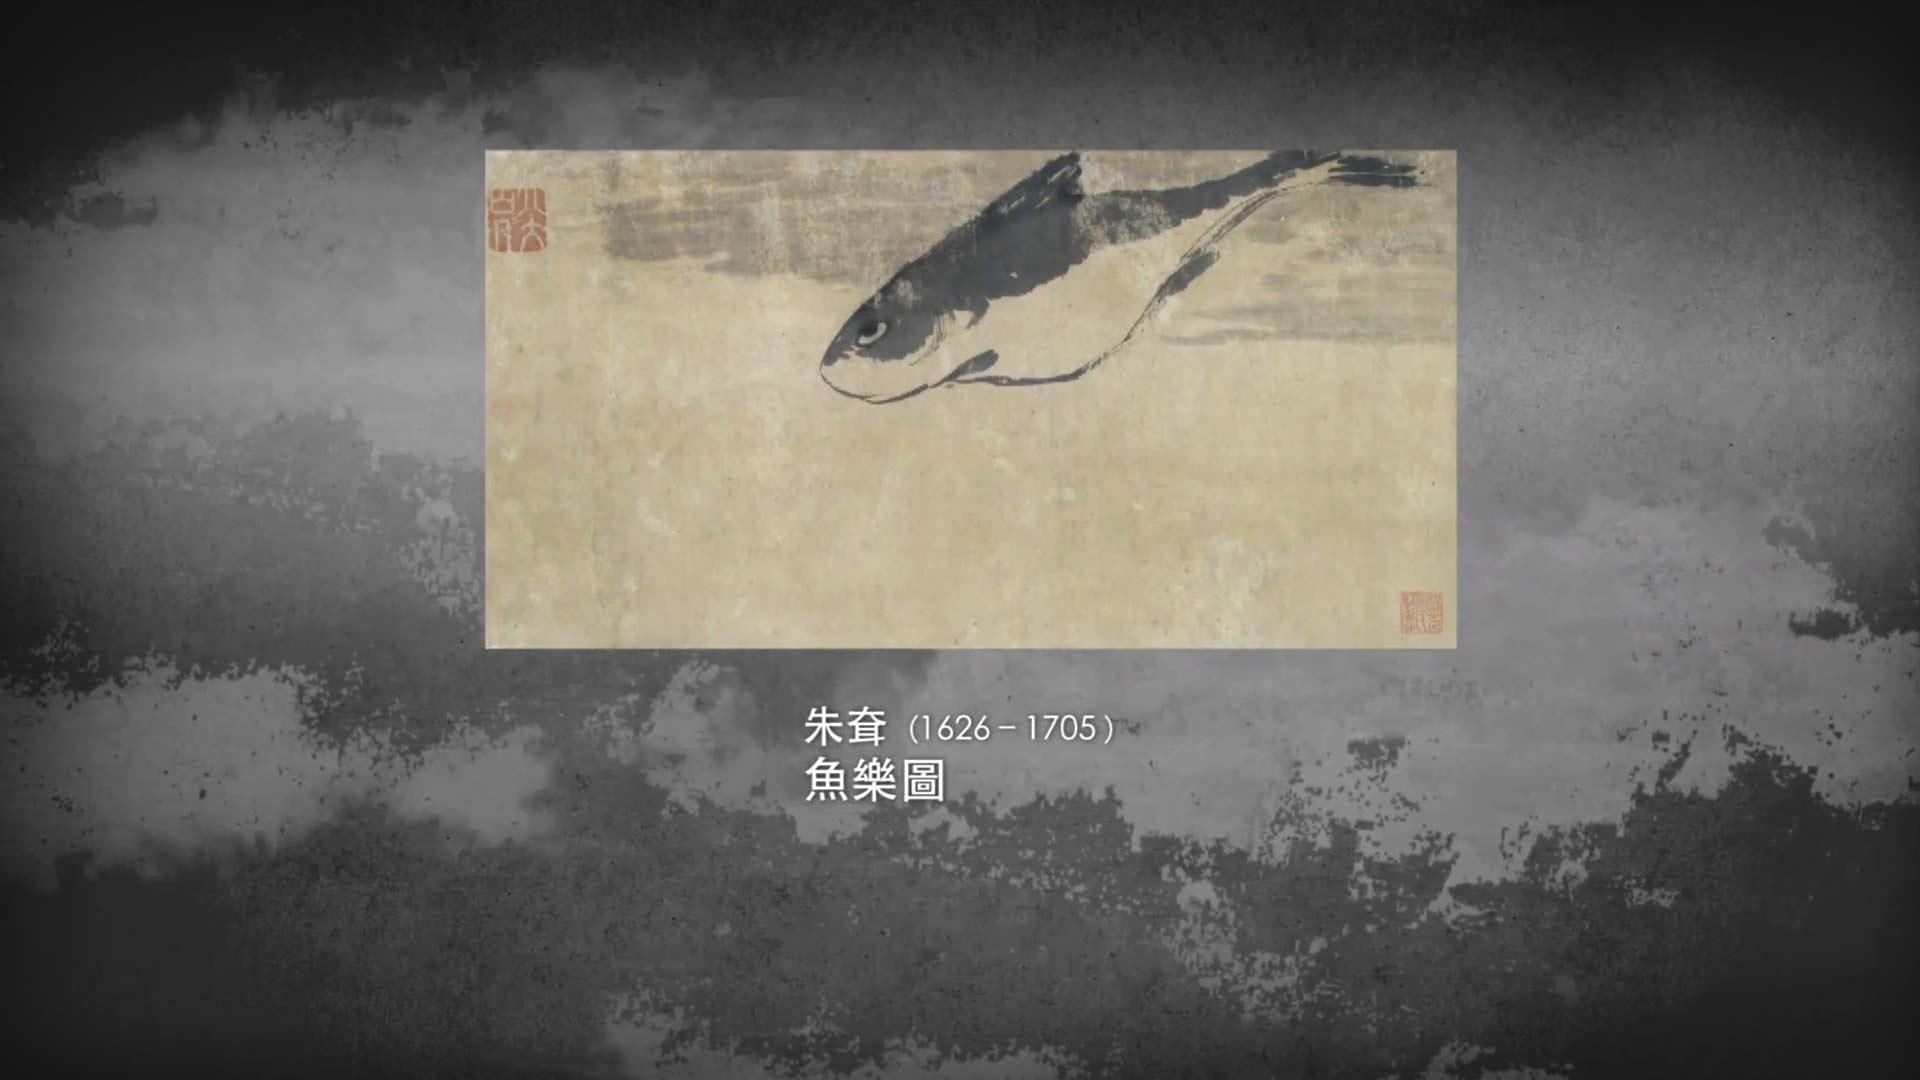 《呼吸美学-中国古画赏析》-隐喻遣怀 (2021) <p>画作提供:香港艺术馆至乐楼藏</p>